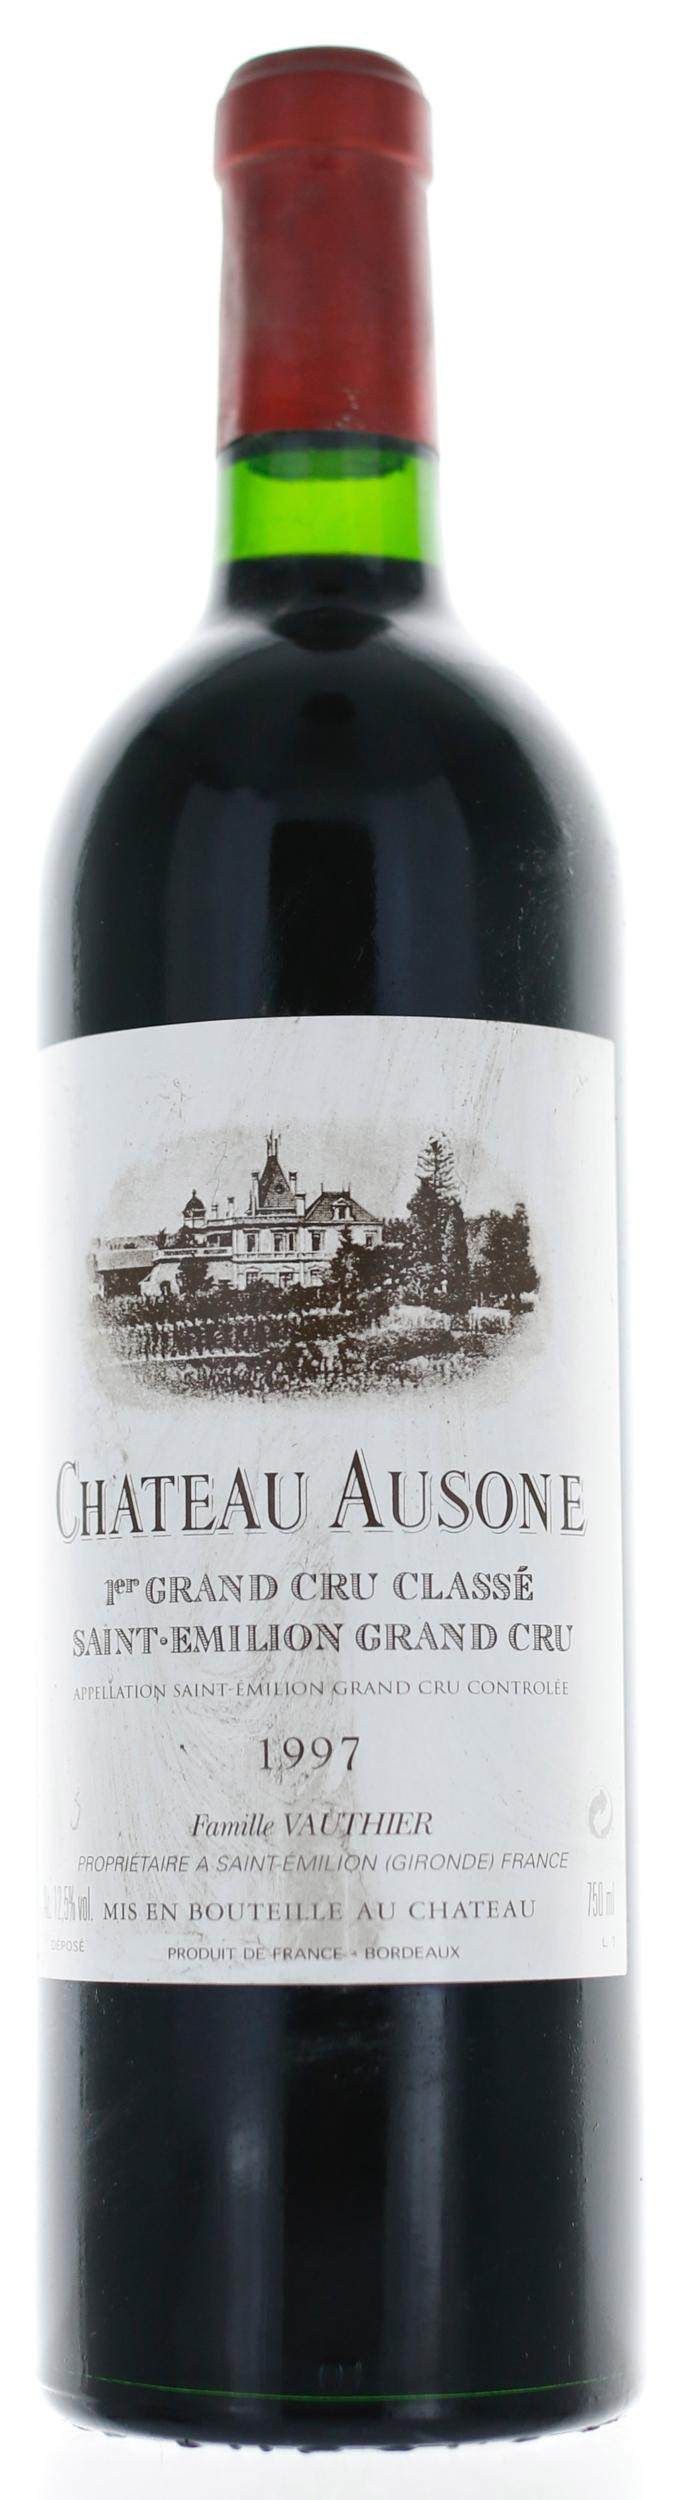 Saint Emilion - Château Ausone - 1997